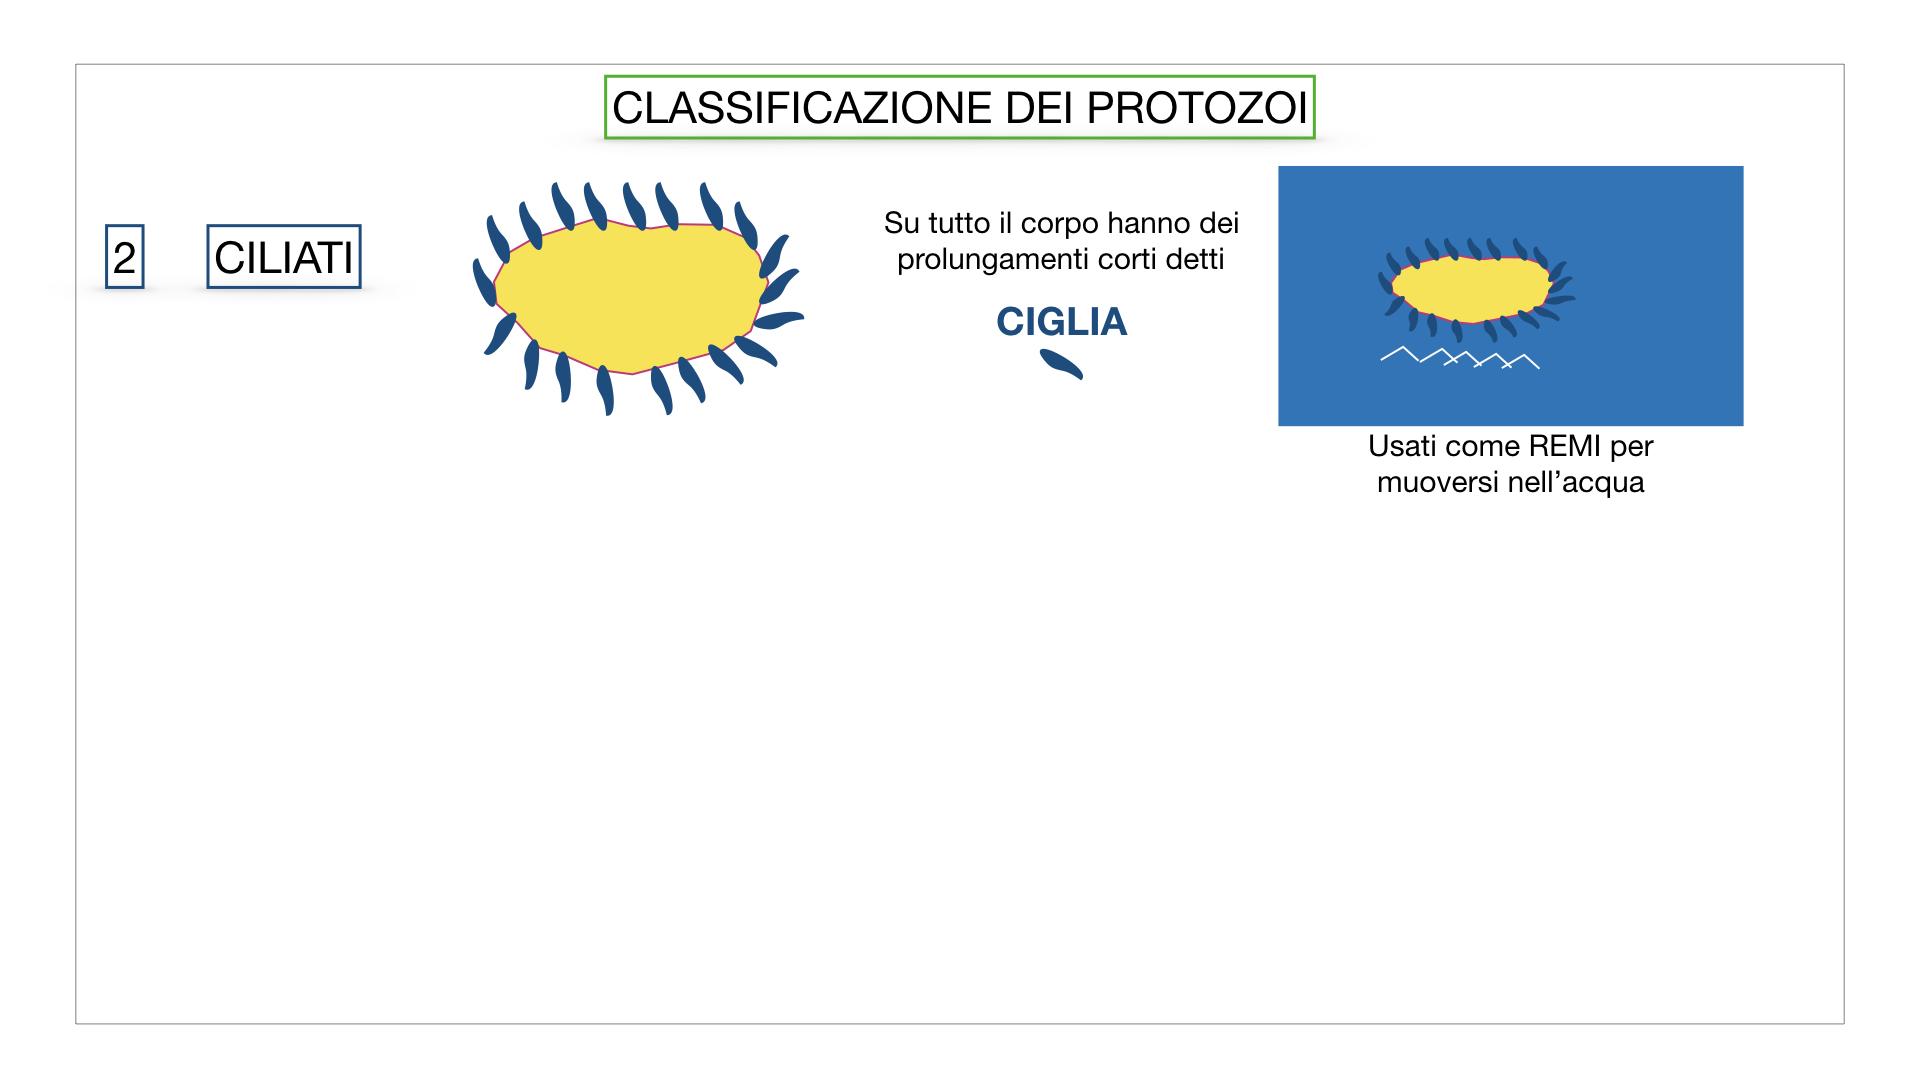 6. PROTOZOI_classificazione_SIMULAZIONE.025